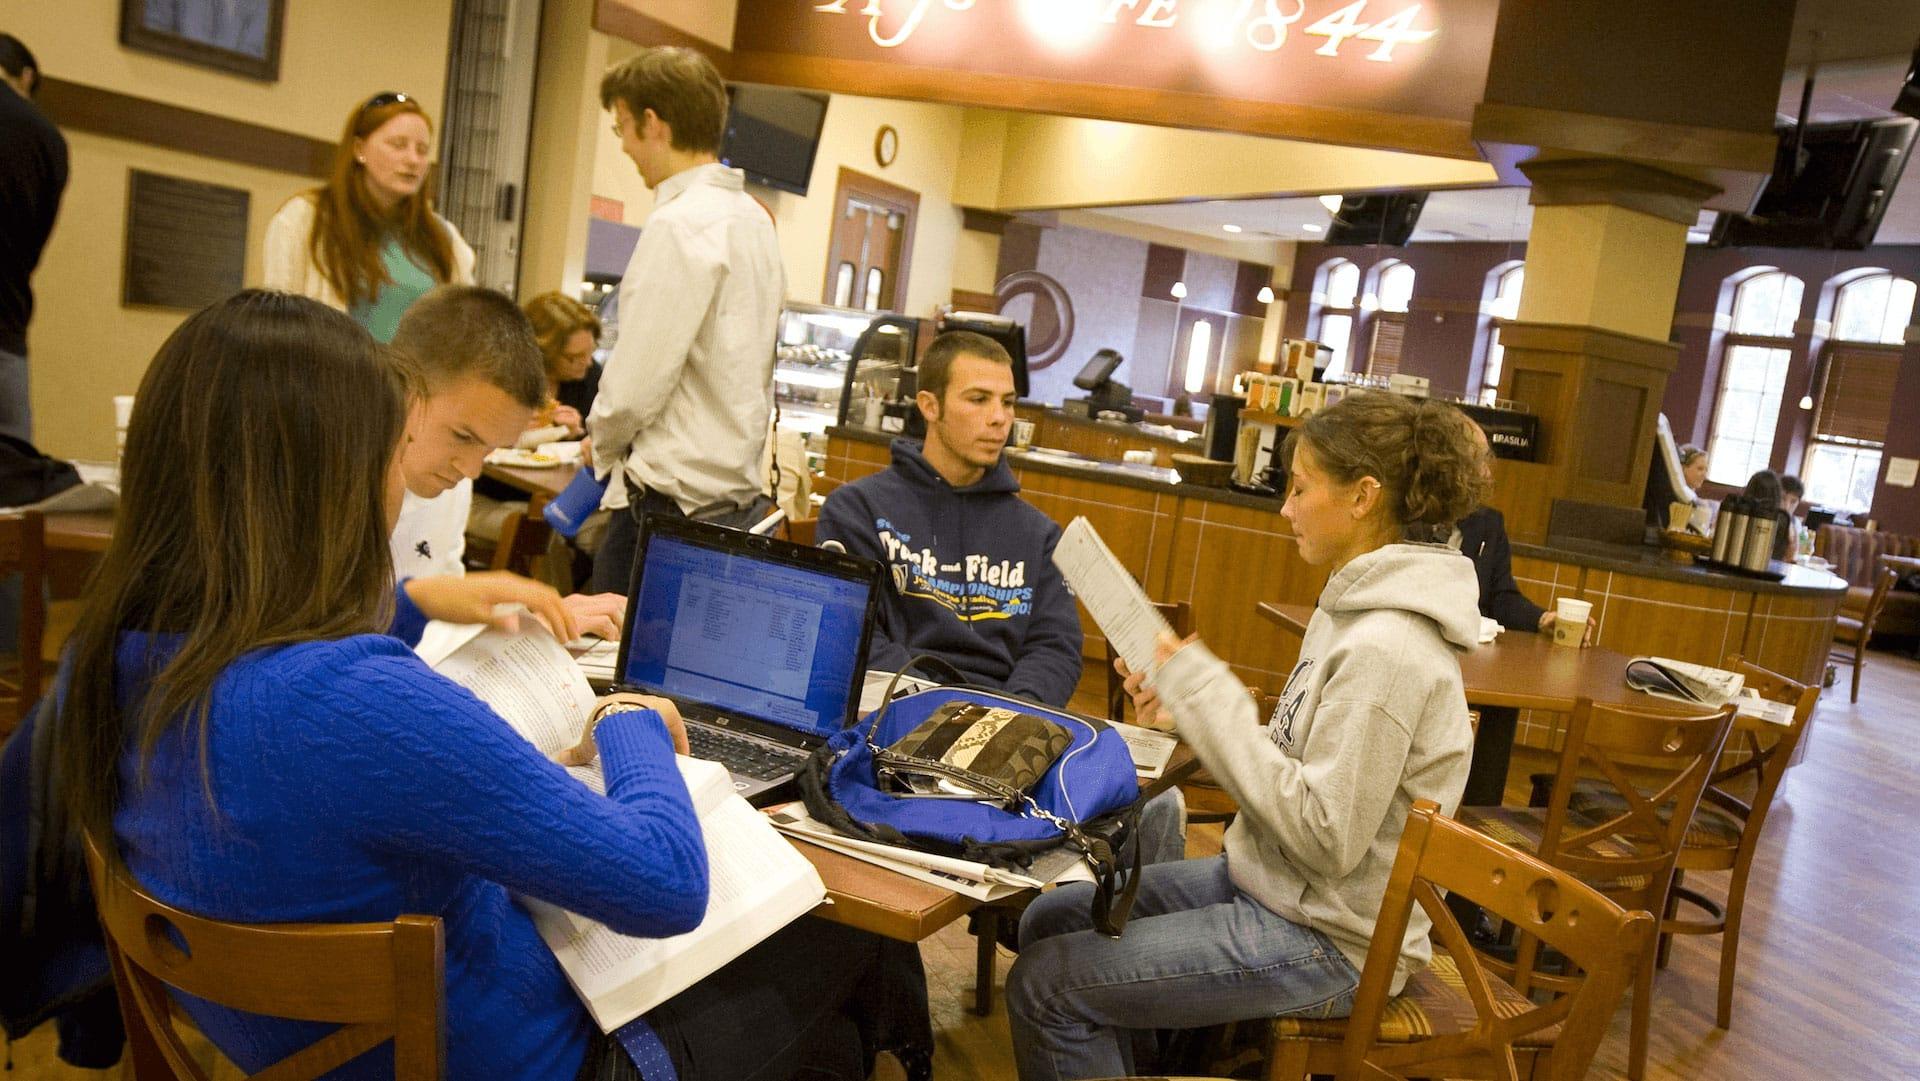 Students in AJ's Cafe